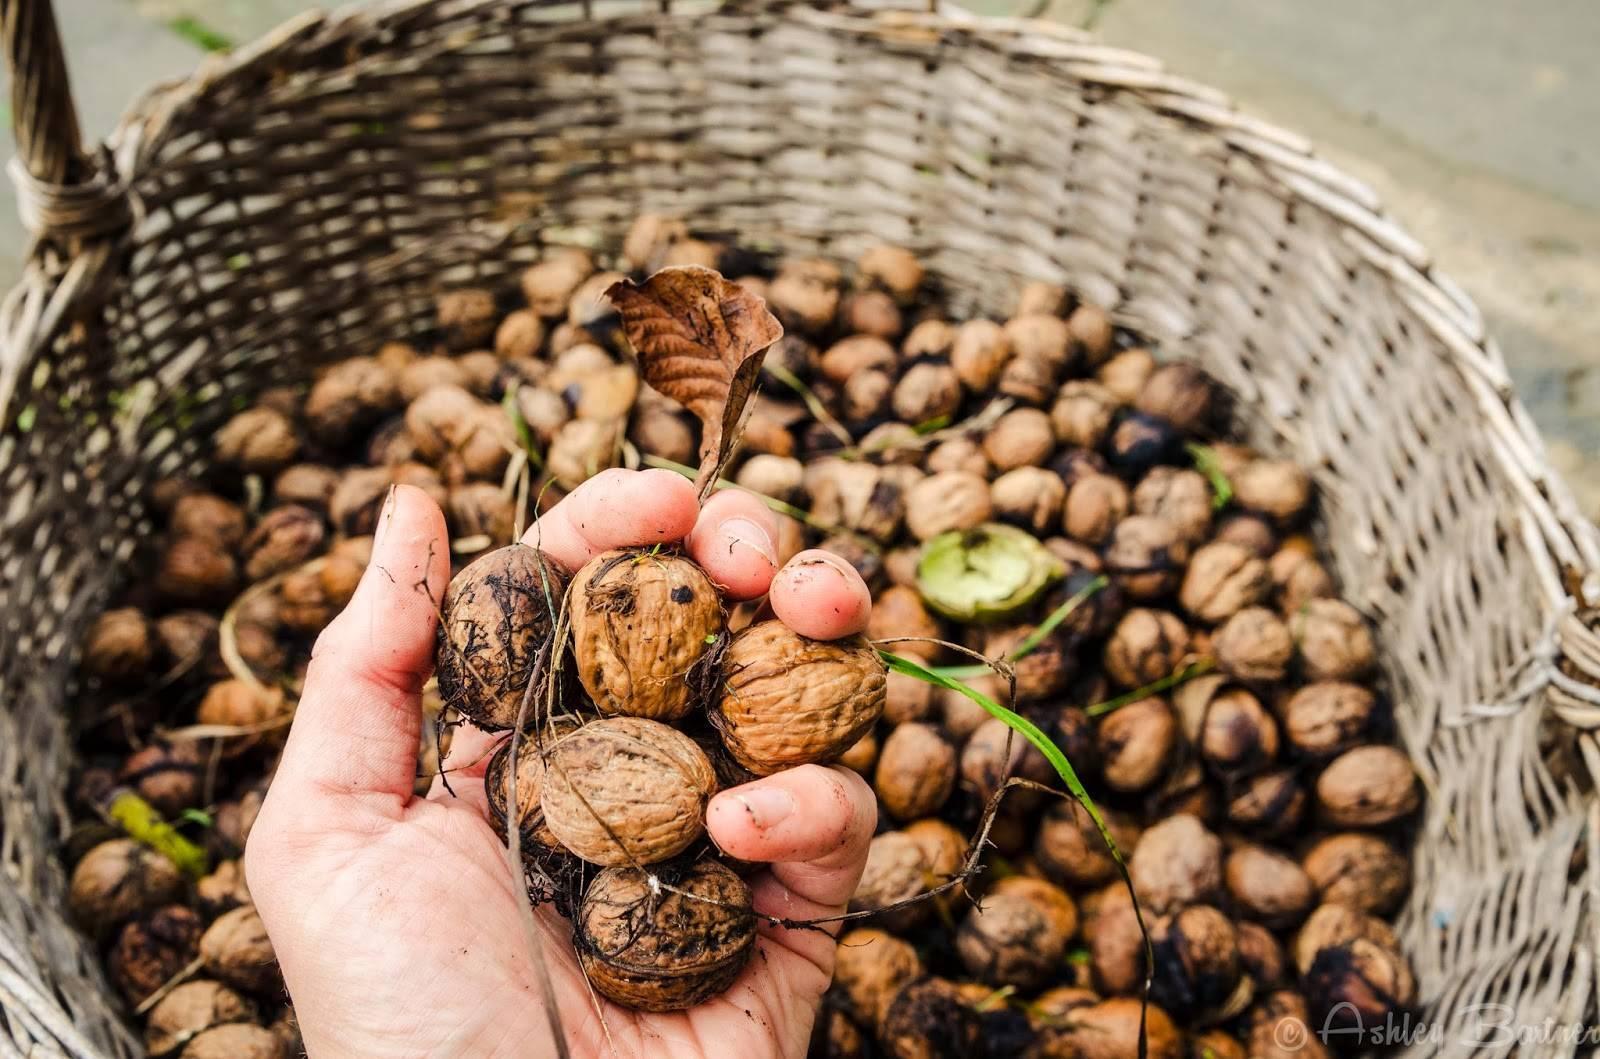 Как хранить очищенный грецкий орех в домашних условиях: советы, отзывы